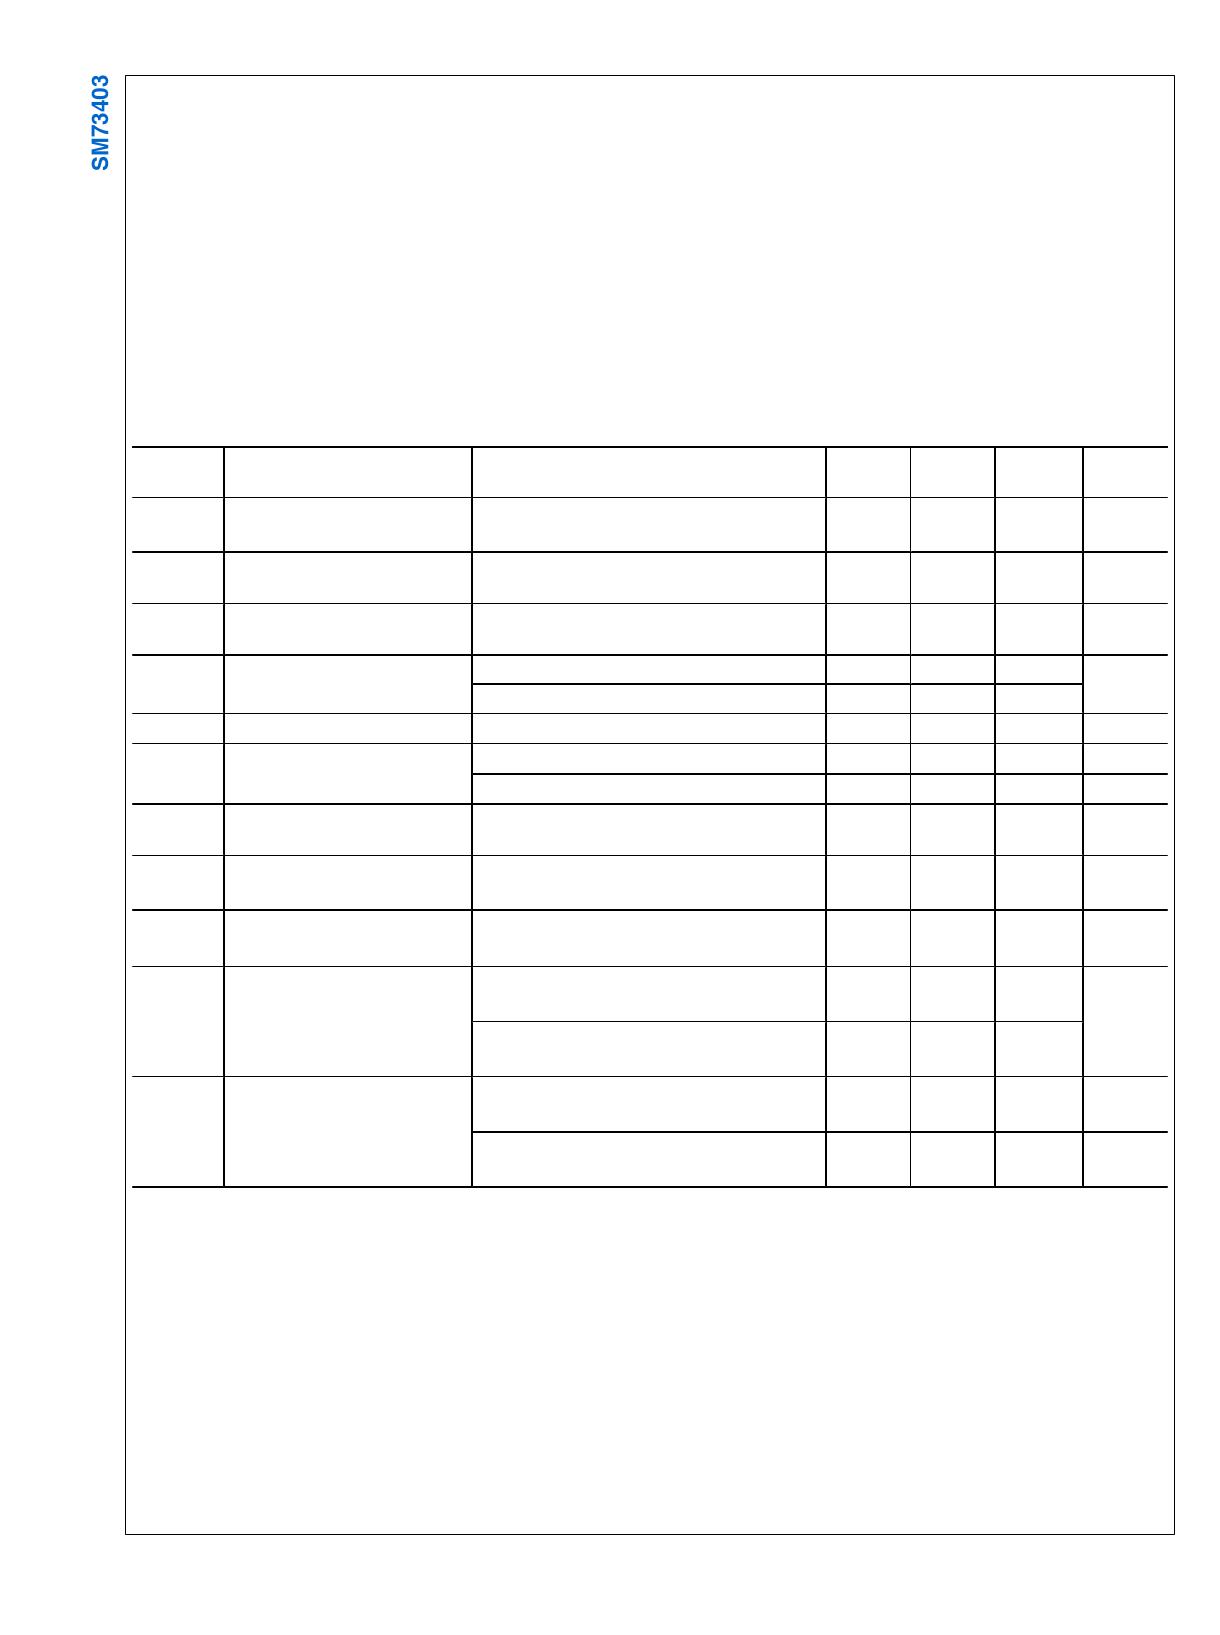 SM73403 pdf, ピン配列